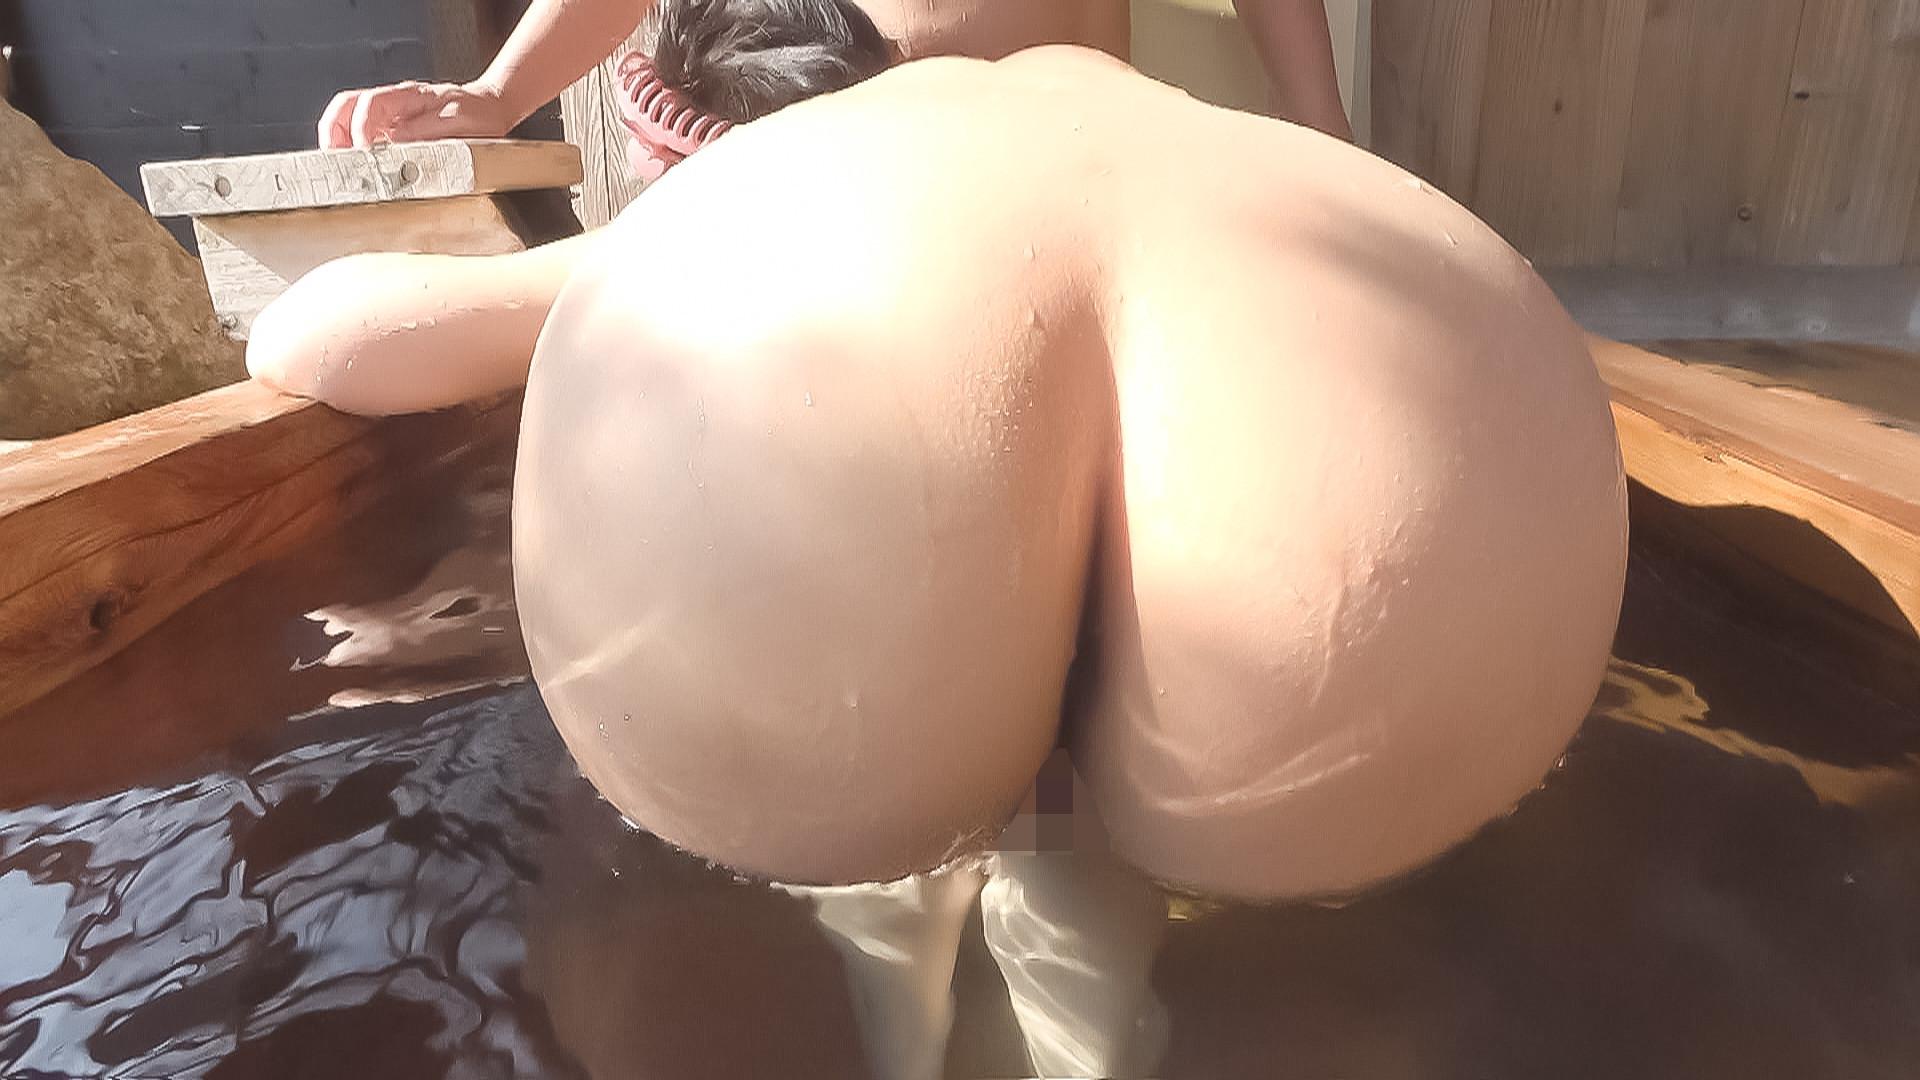 中出し露天温泉 国宝級マシュマロおっぱいIカップむっつりスケベなエロエロお姉さん